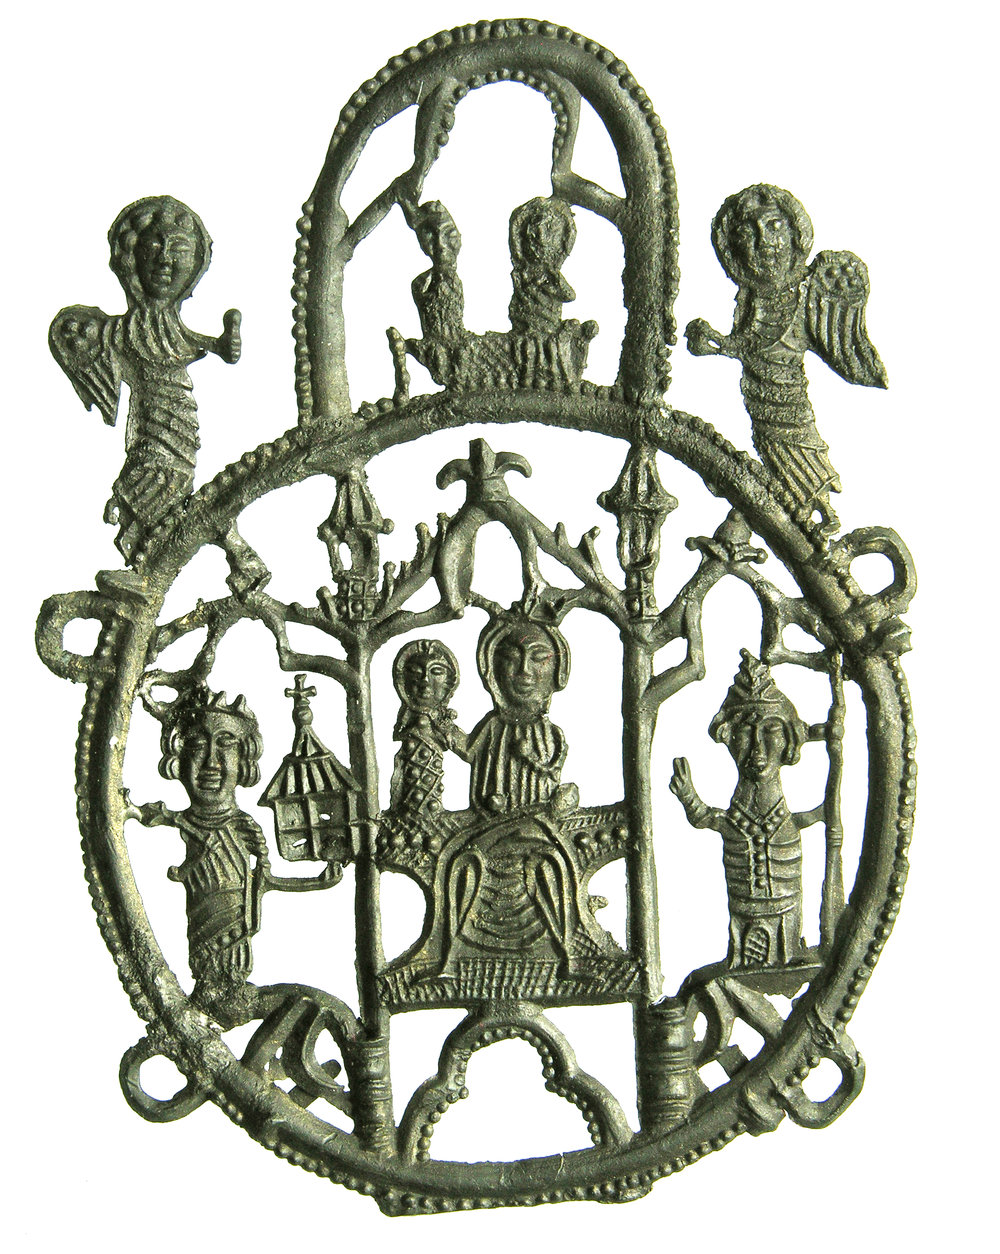 Afbeelding 5: Insigne van Maria tussen Karel de Grote en een bisschop, boven: kroning van Maria, Aken, gevonden in Dordrecht, lood-tin, 86 x 64 mm, collectie Familie Van Beuningen, inv. 3609 (HP2 1374)